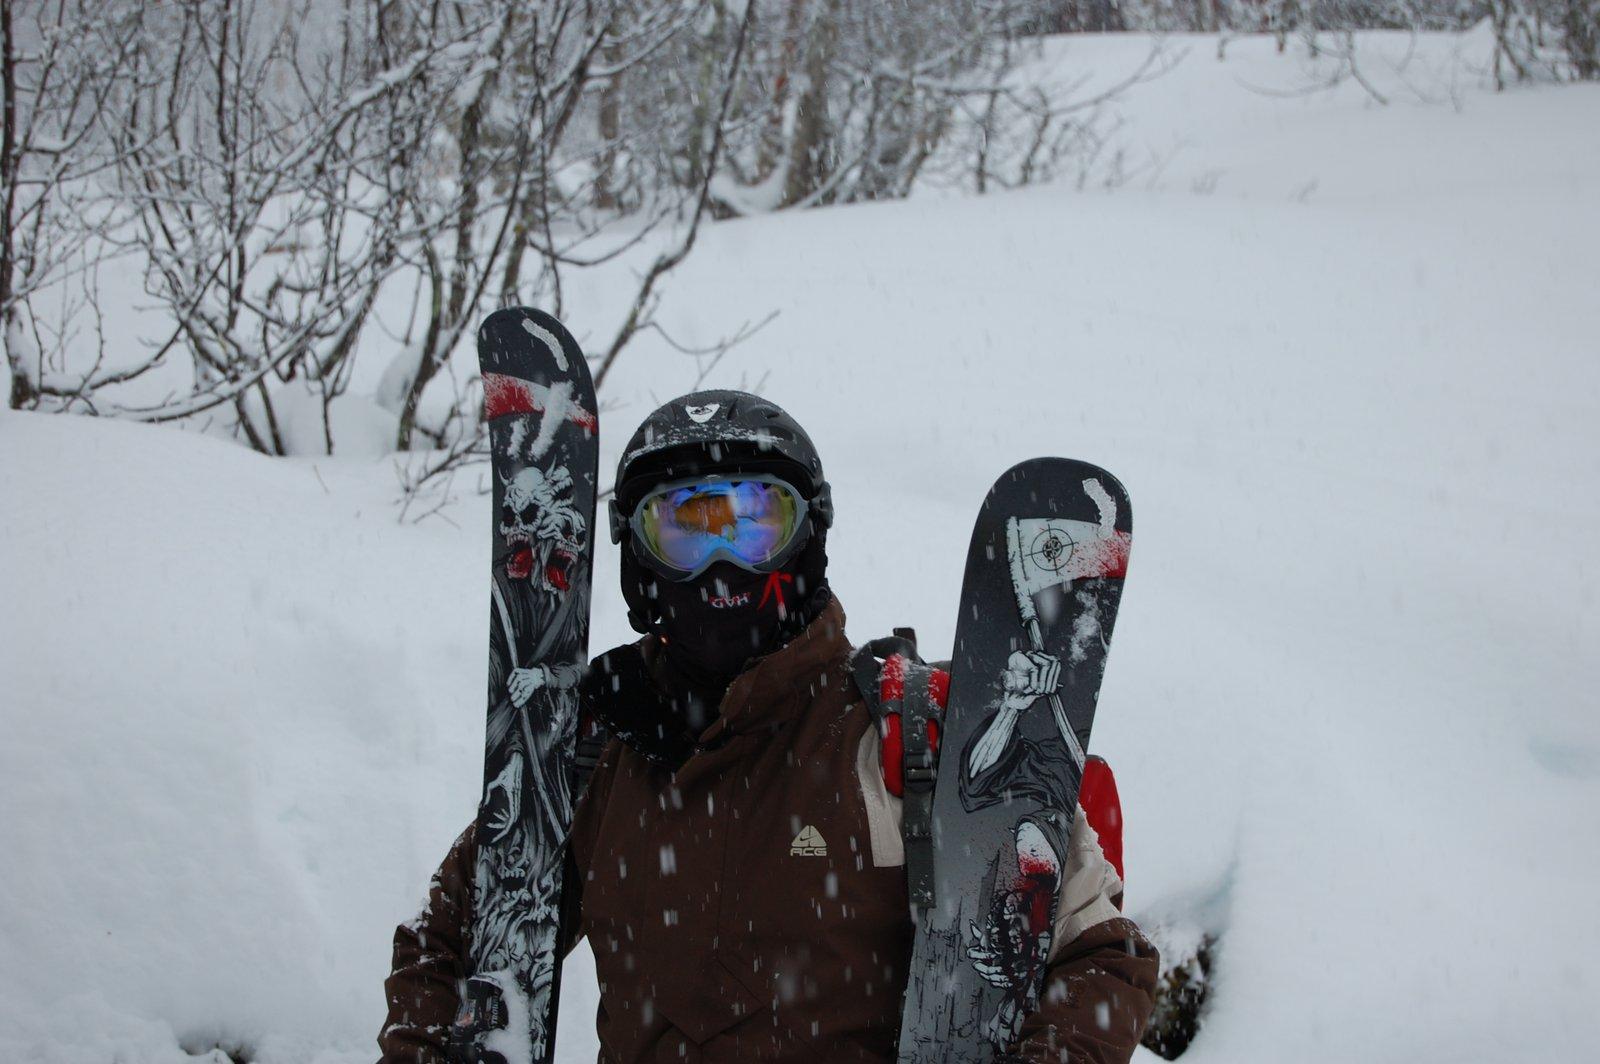 Me ready to ski pow